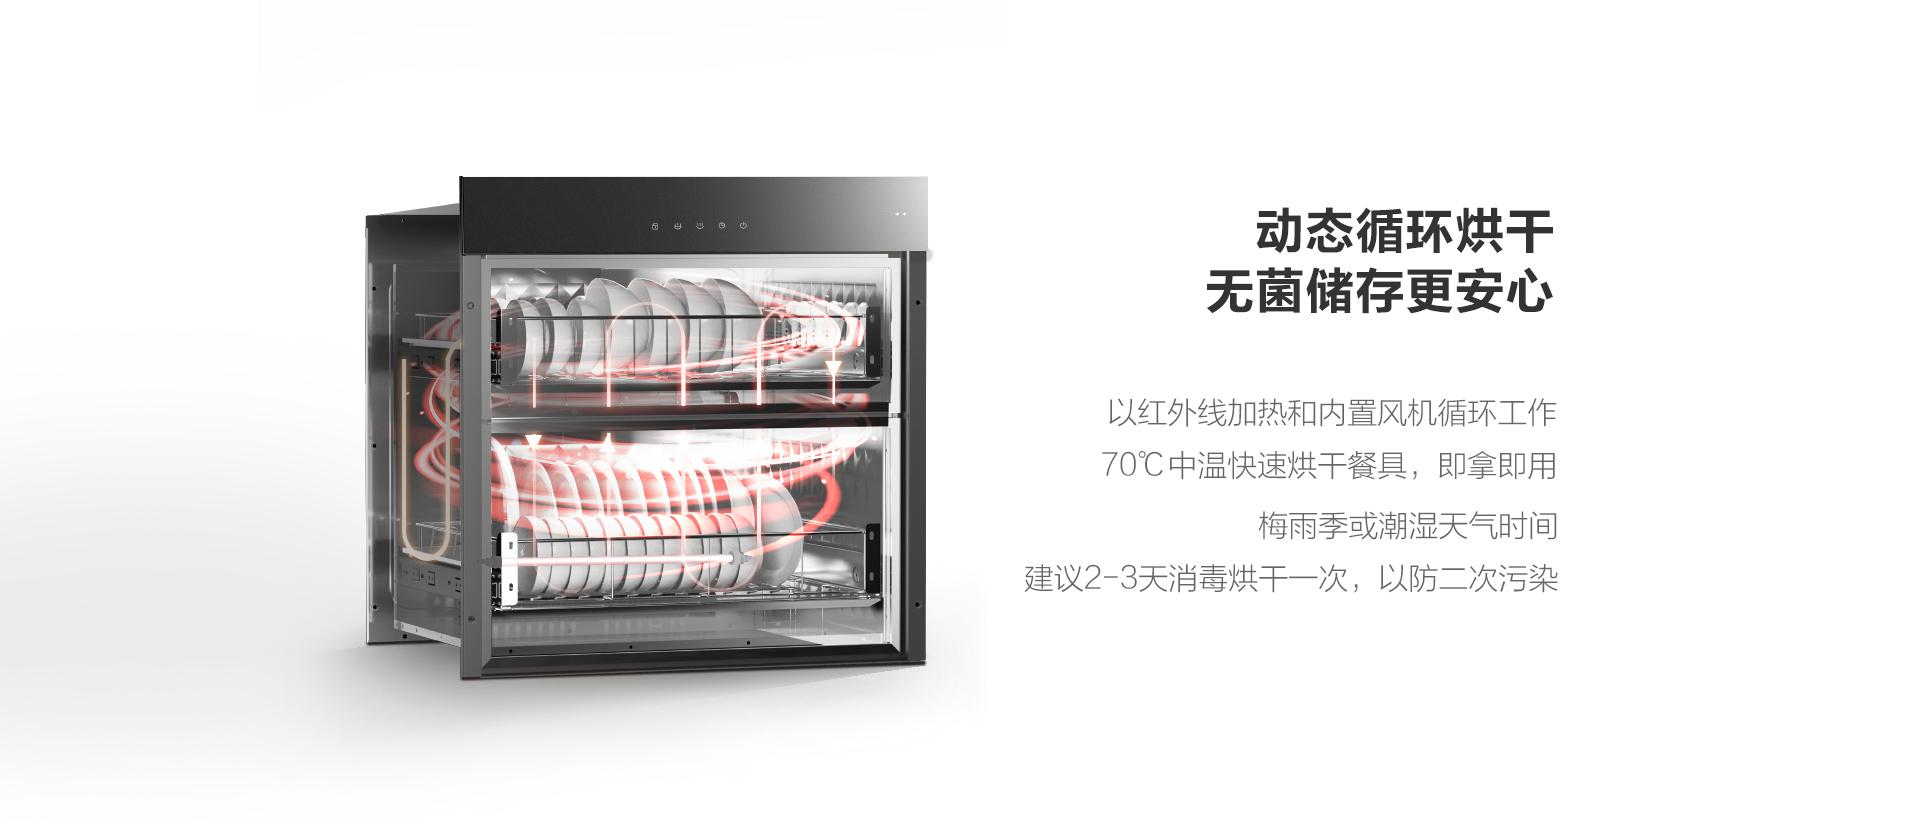 XB605消毒柜-上新-PC端-200827_03.jpg